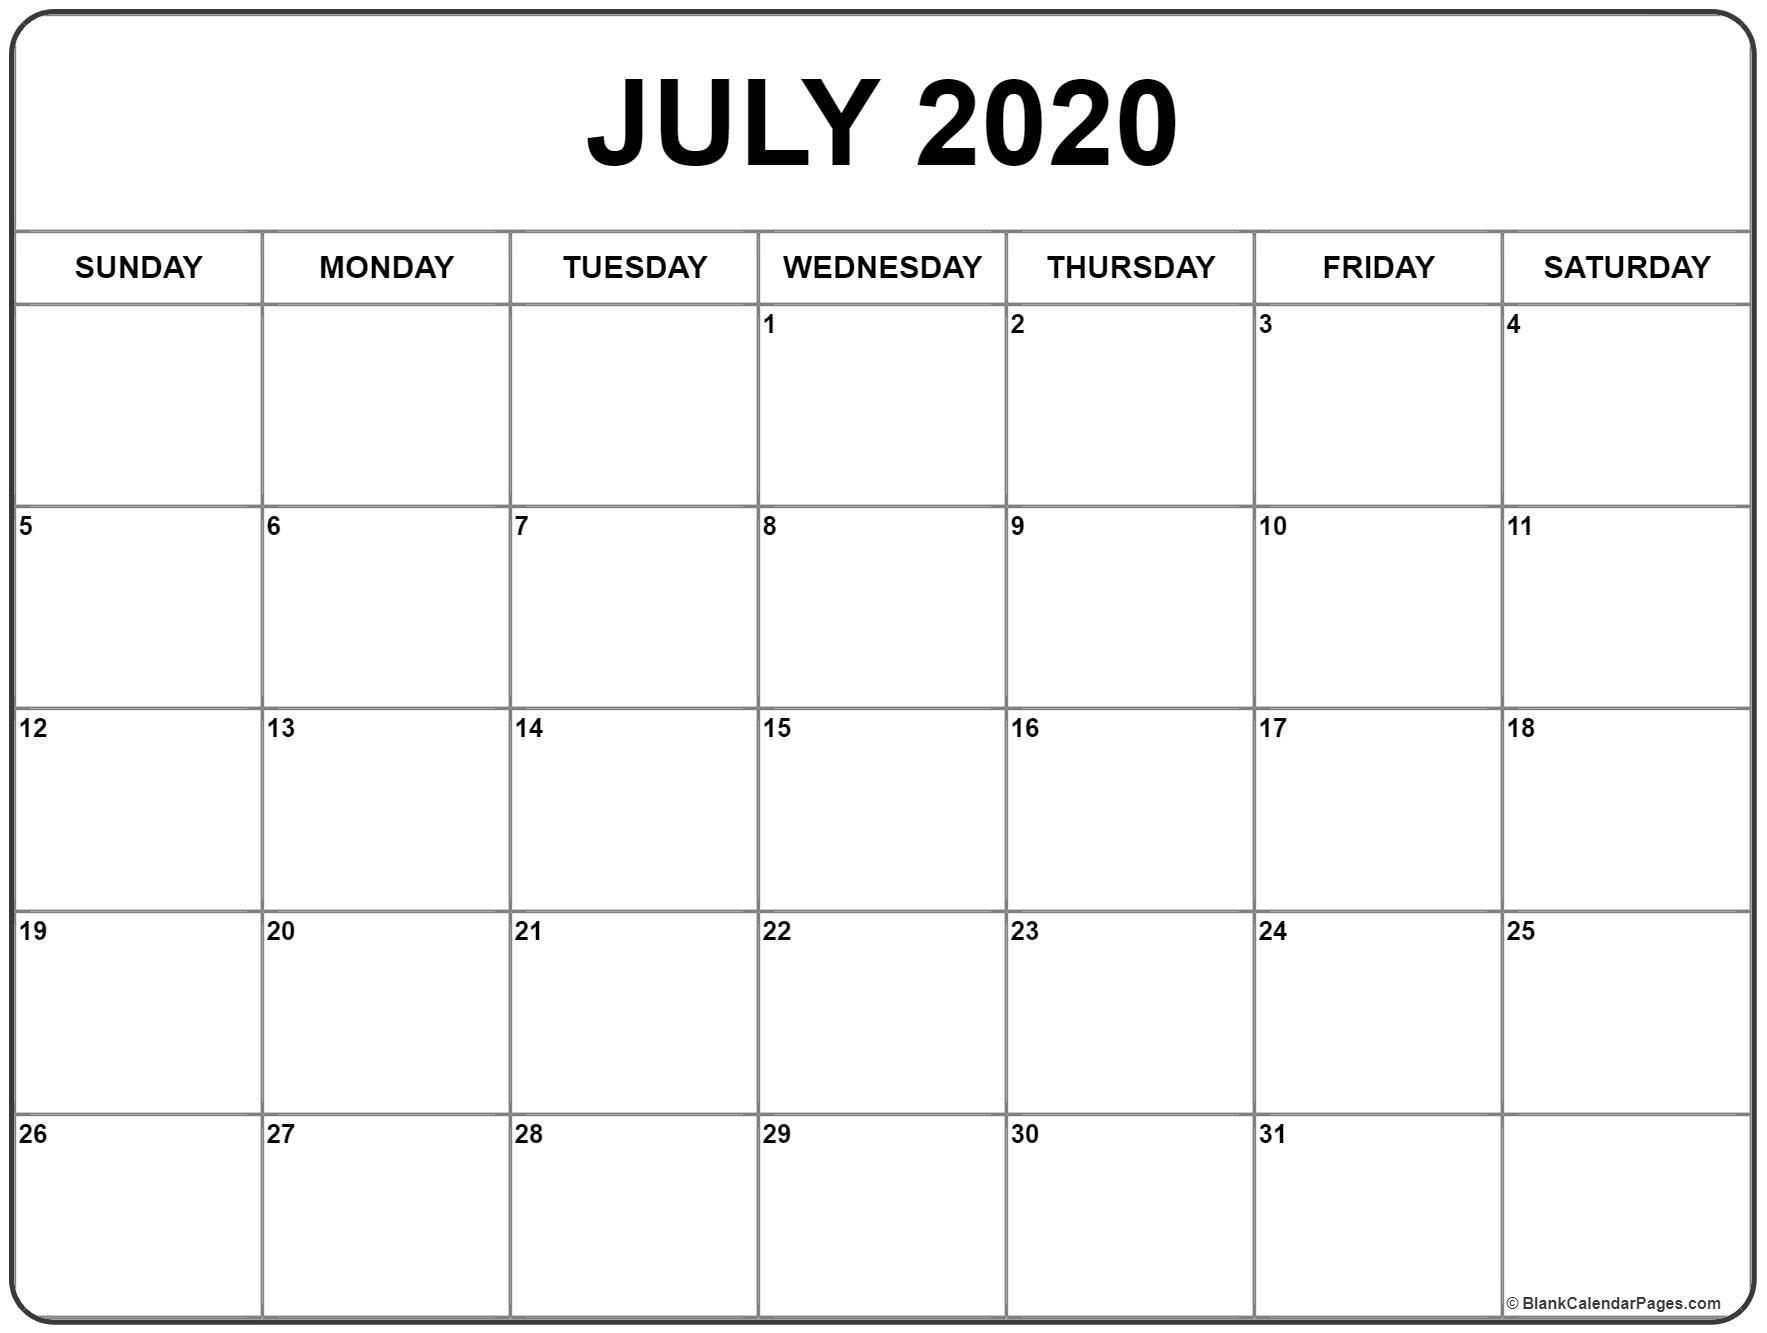 July Calendar Template 2020 - Wpa.wpart.co-June August 2020 Calendar Template